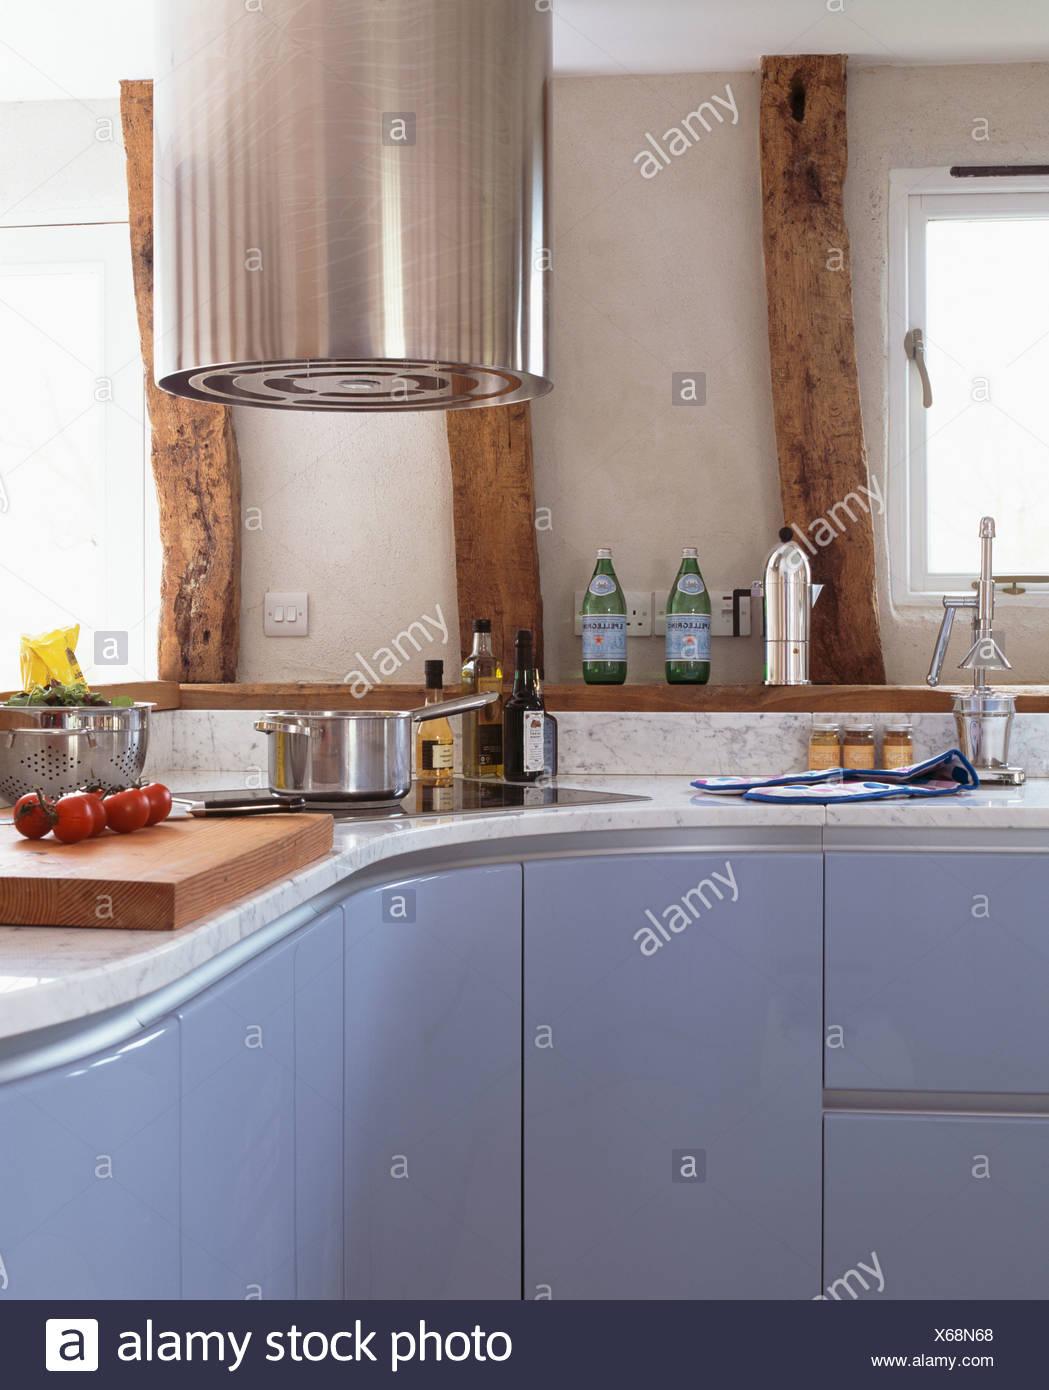 Groß Ecke Küche Asheville Ideen - Ideen Für Die Küche Dekoration ...